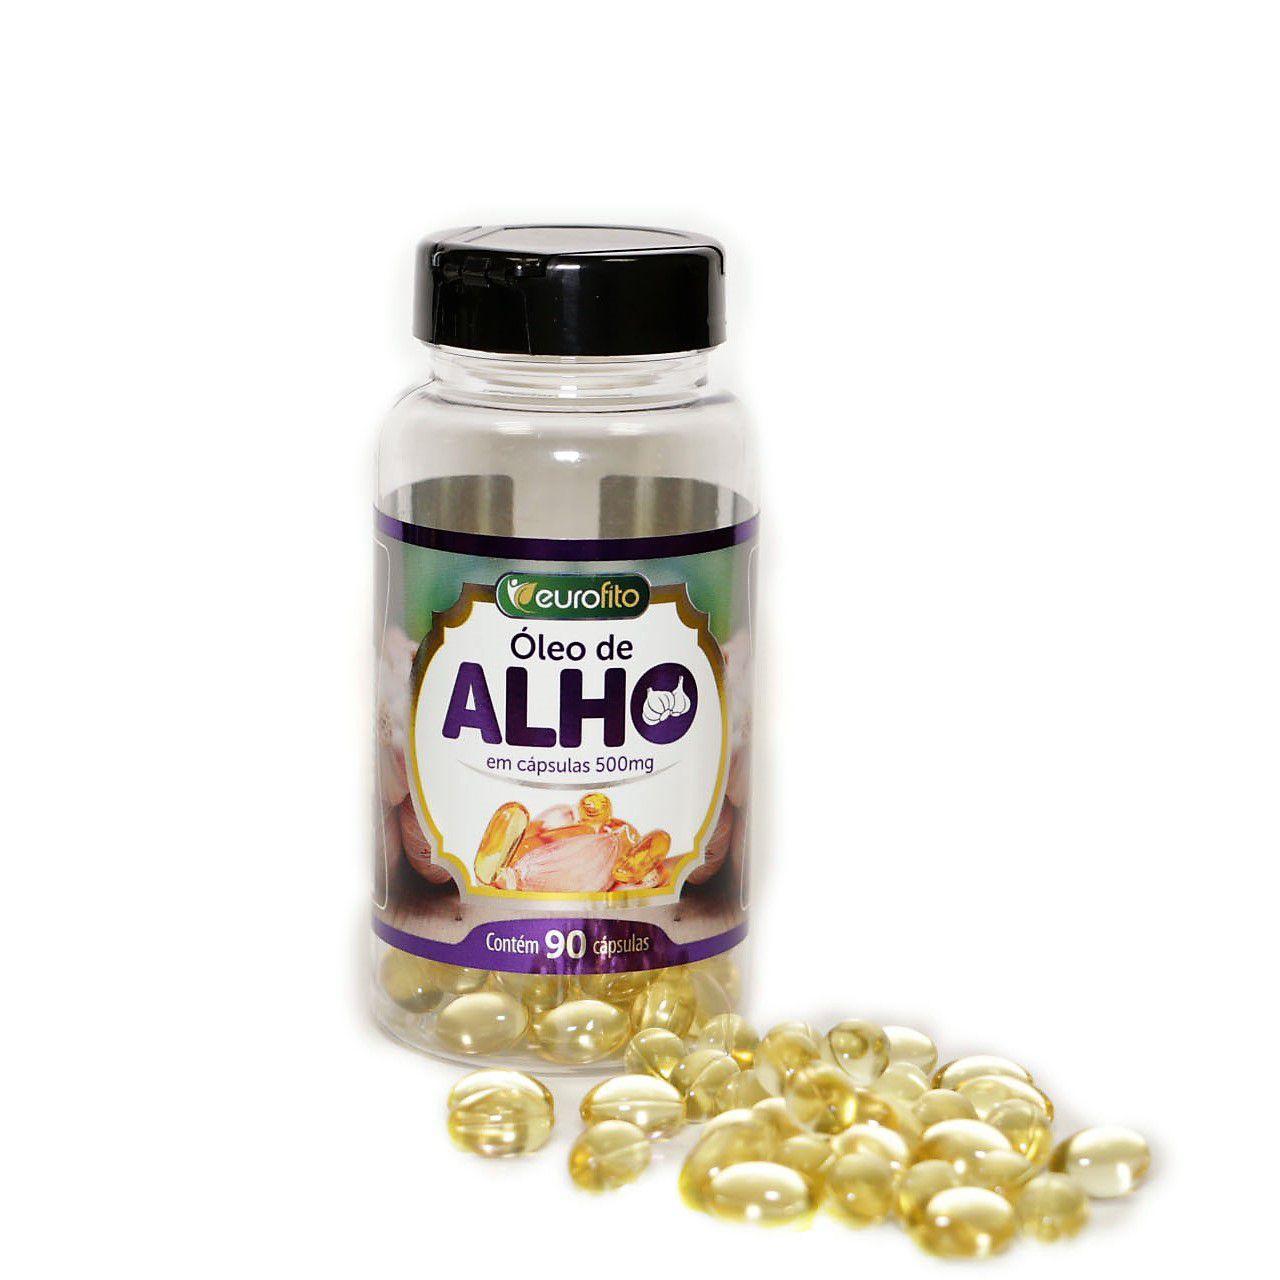 Óleo De Alho 500mg - 90 cápsulas soft gel - Eurofito